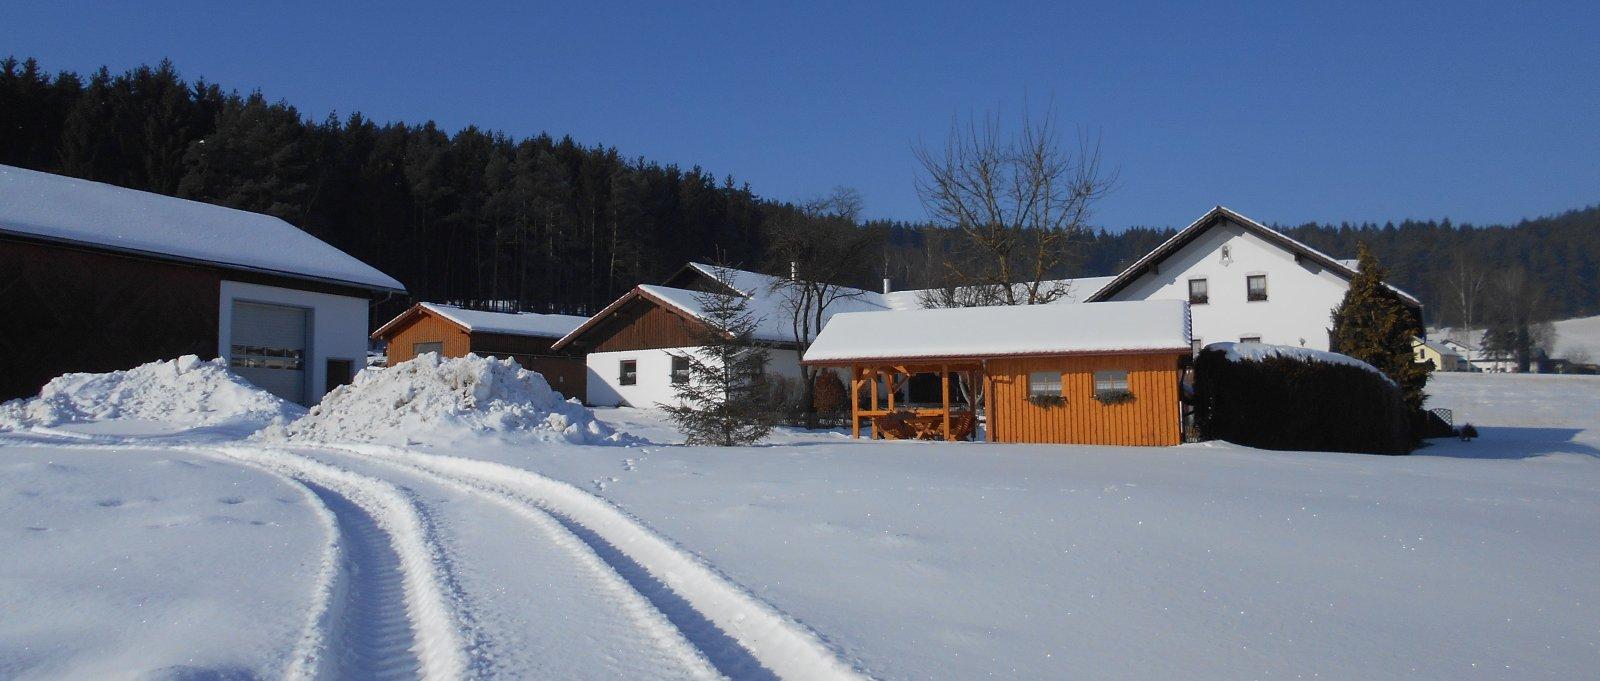 ammerhof-winterurlaub-bayerischer-wald-bauernhof-ansicht-panorama